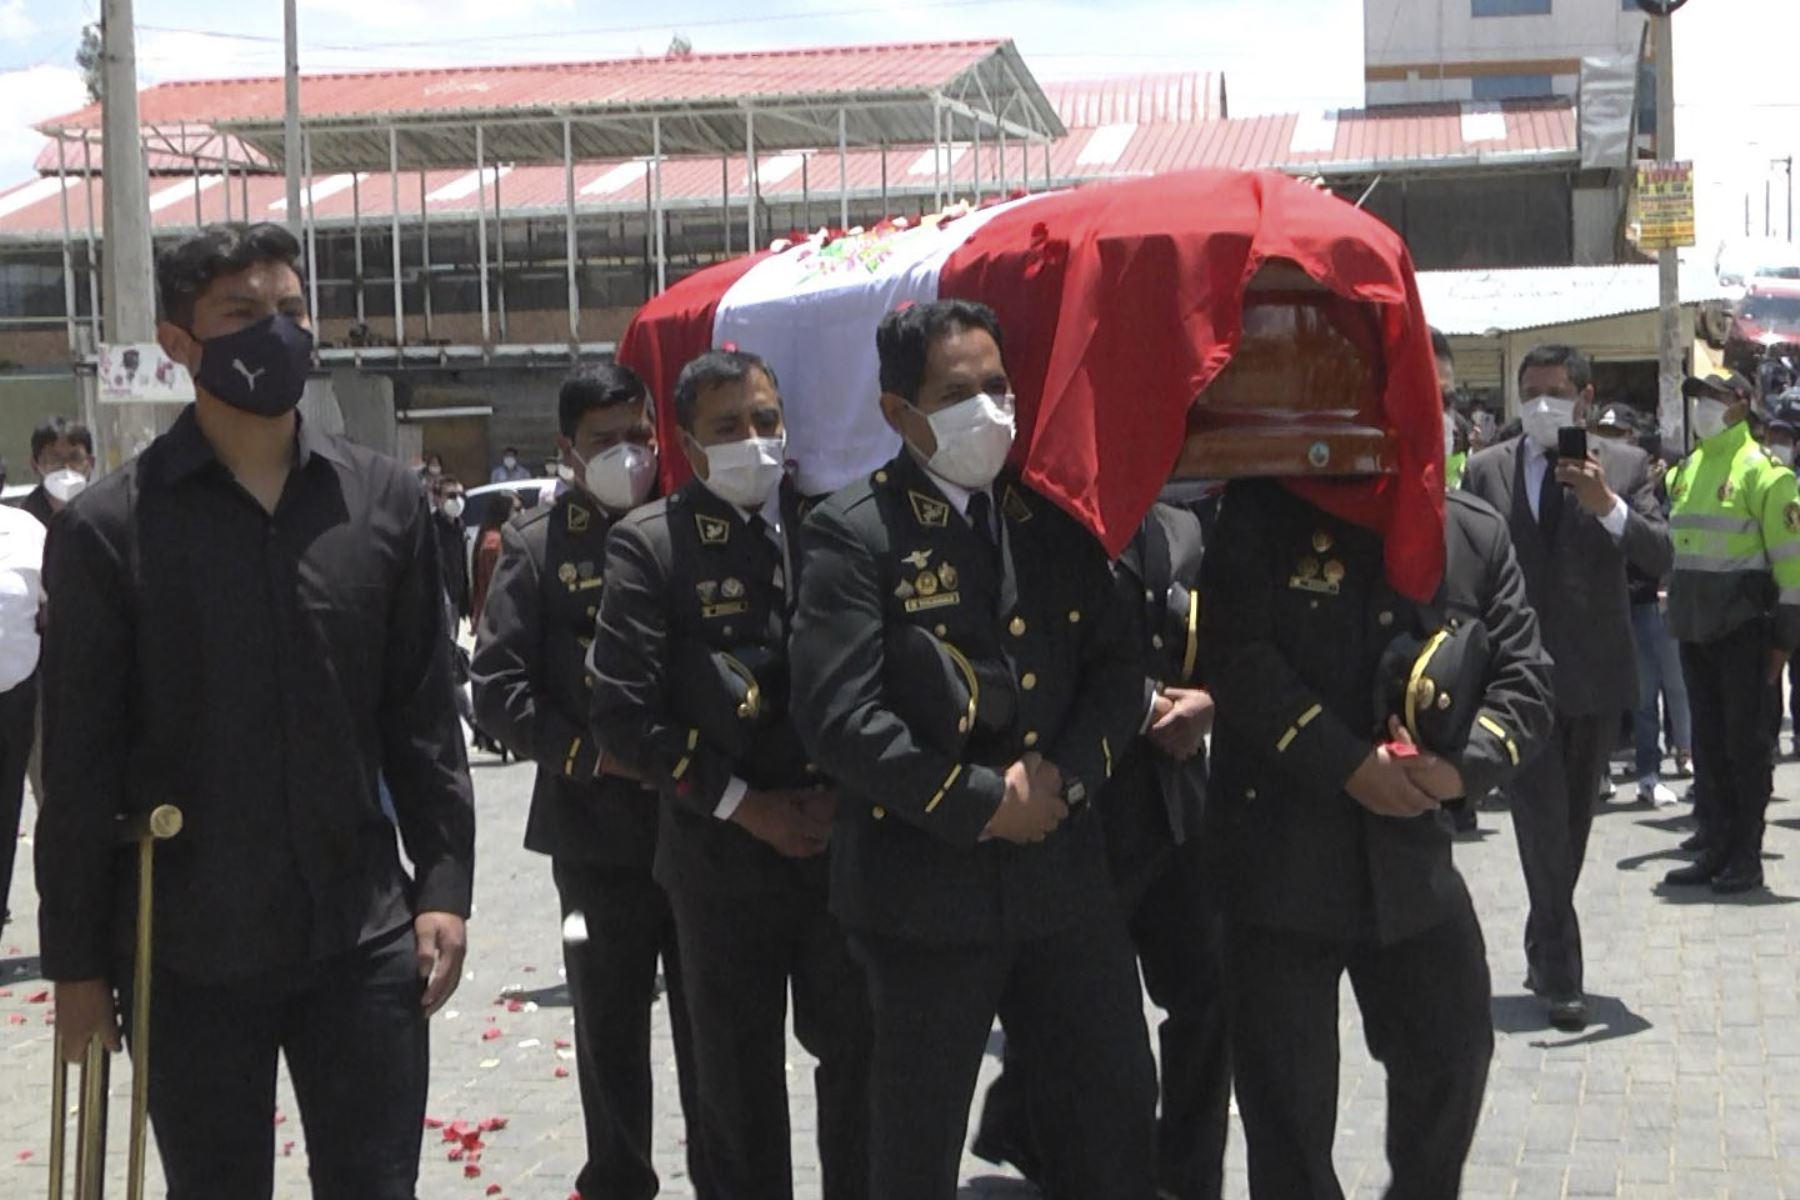 Rinden honores a policía muerto en una comisaría de Lima previo al entierro en un cementerio de Huancayo.